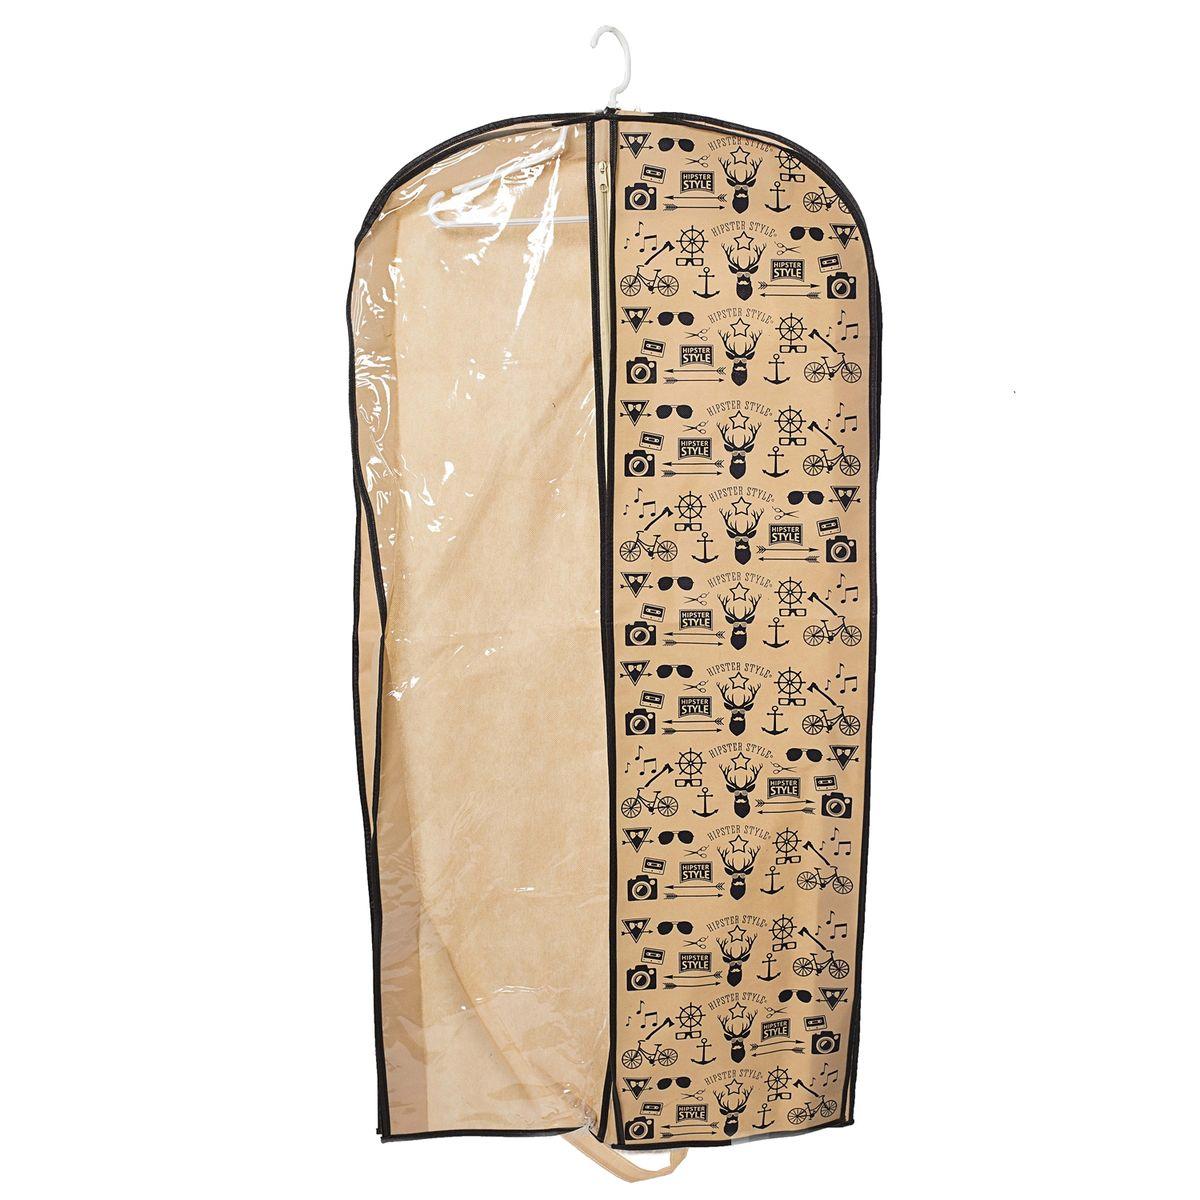 Чехол для одежды Homsu Hipster Style, подвесной, с прозрачной вставкой, 120 x 60 x 10 см1092019Подвесной чехол для одежды Homsu Hipster Style на застежке-молнии выполнен из высококачественного нетканого материала. Чехол снабжен прозрачной вставкой из ПВХ, что позволяет легко просматривать содержимое. Изделие подходит для длительного хранения вещей.Чехол обеспечит вашей одежде надежную защиту от влажности, повреждений и грязи при транспортировке, от запыления при хранении и проникновения моли. Чехол позволяет воздуху свободно поступать внутрь вещей, обеспечивая их кондиционирование. Это особенно важно при хранении кожаных и меховых изделий.Чехол для одежды Homsu Hipster Style создаст уютную атмосферу в гардеробе. Лаконичный дизайн придется по вкусу ценительницам эстетичного хранения и сделают вашу гардеробную изысканной и невероятно стильной.Размер чехла: 120 х 60 х 10 см.